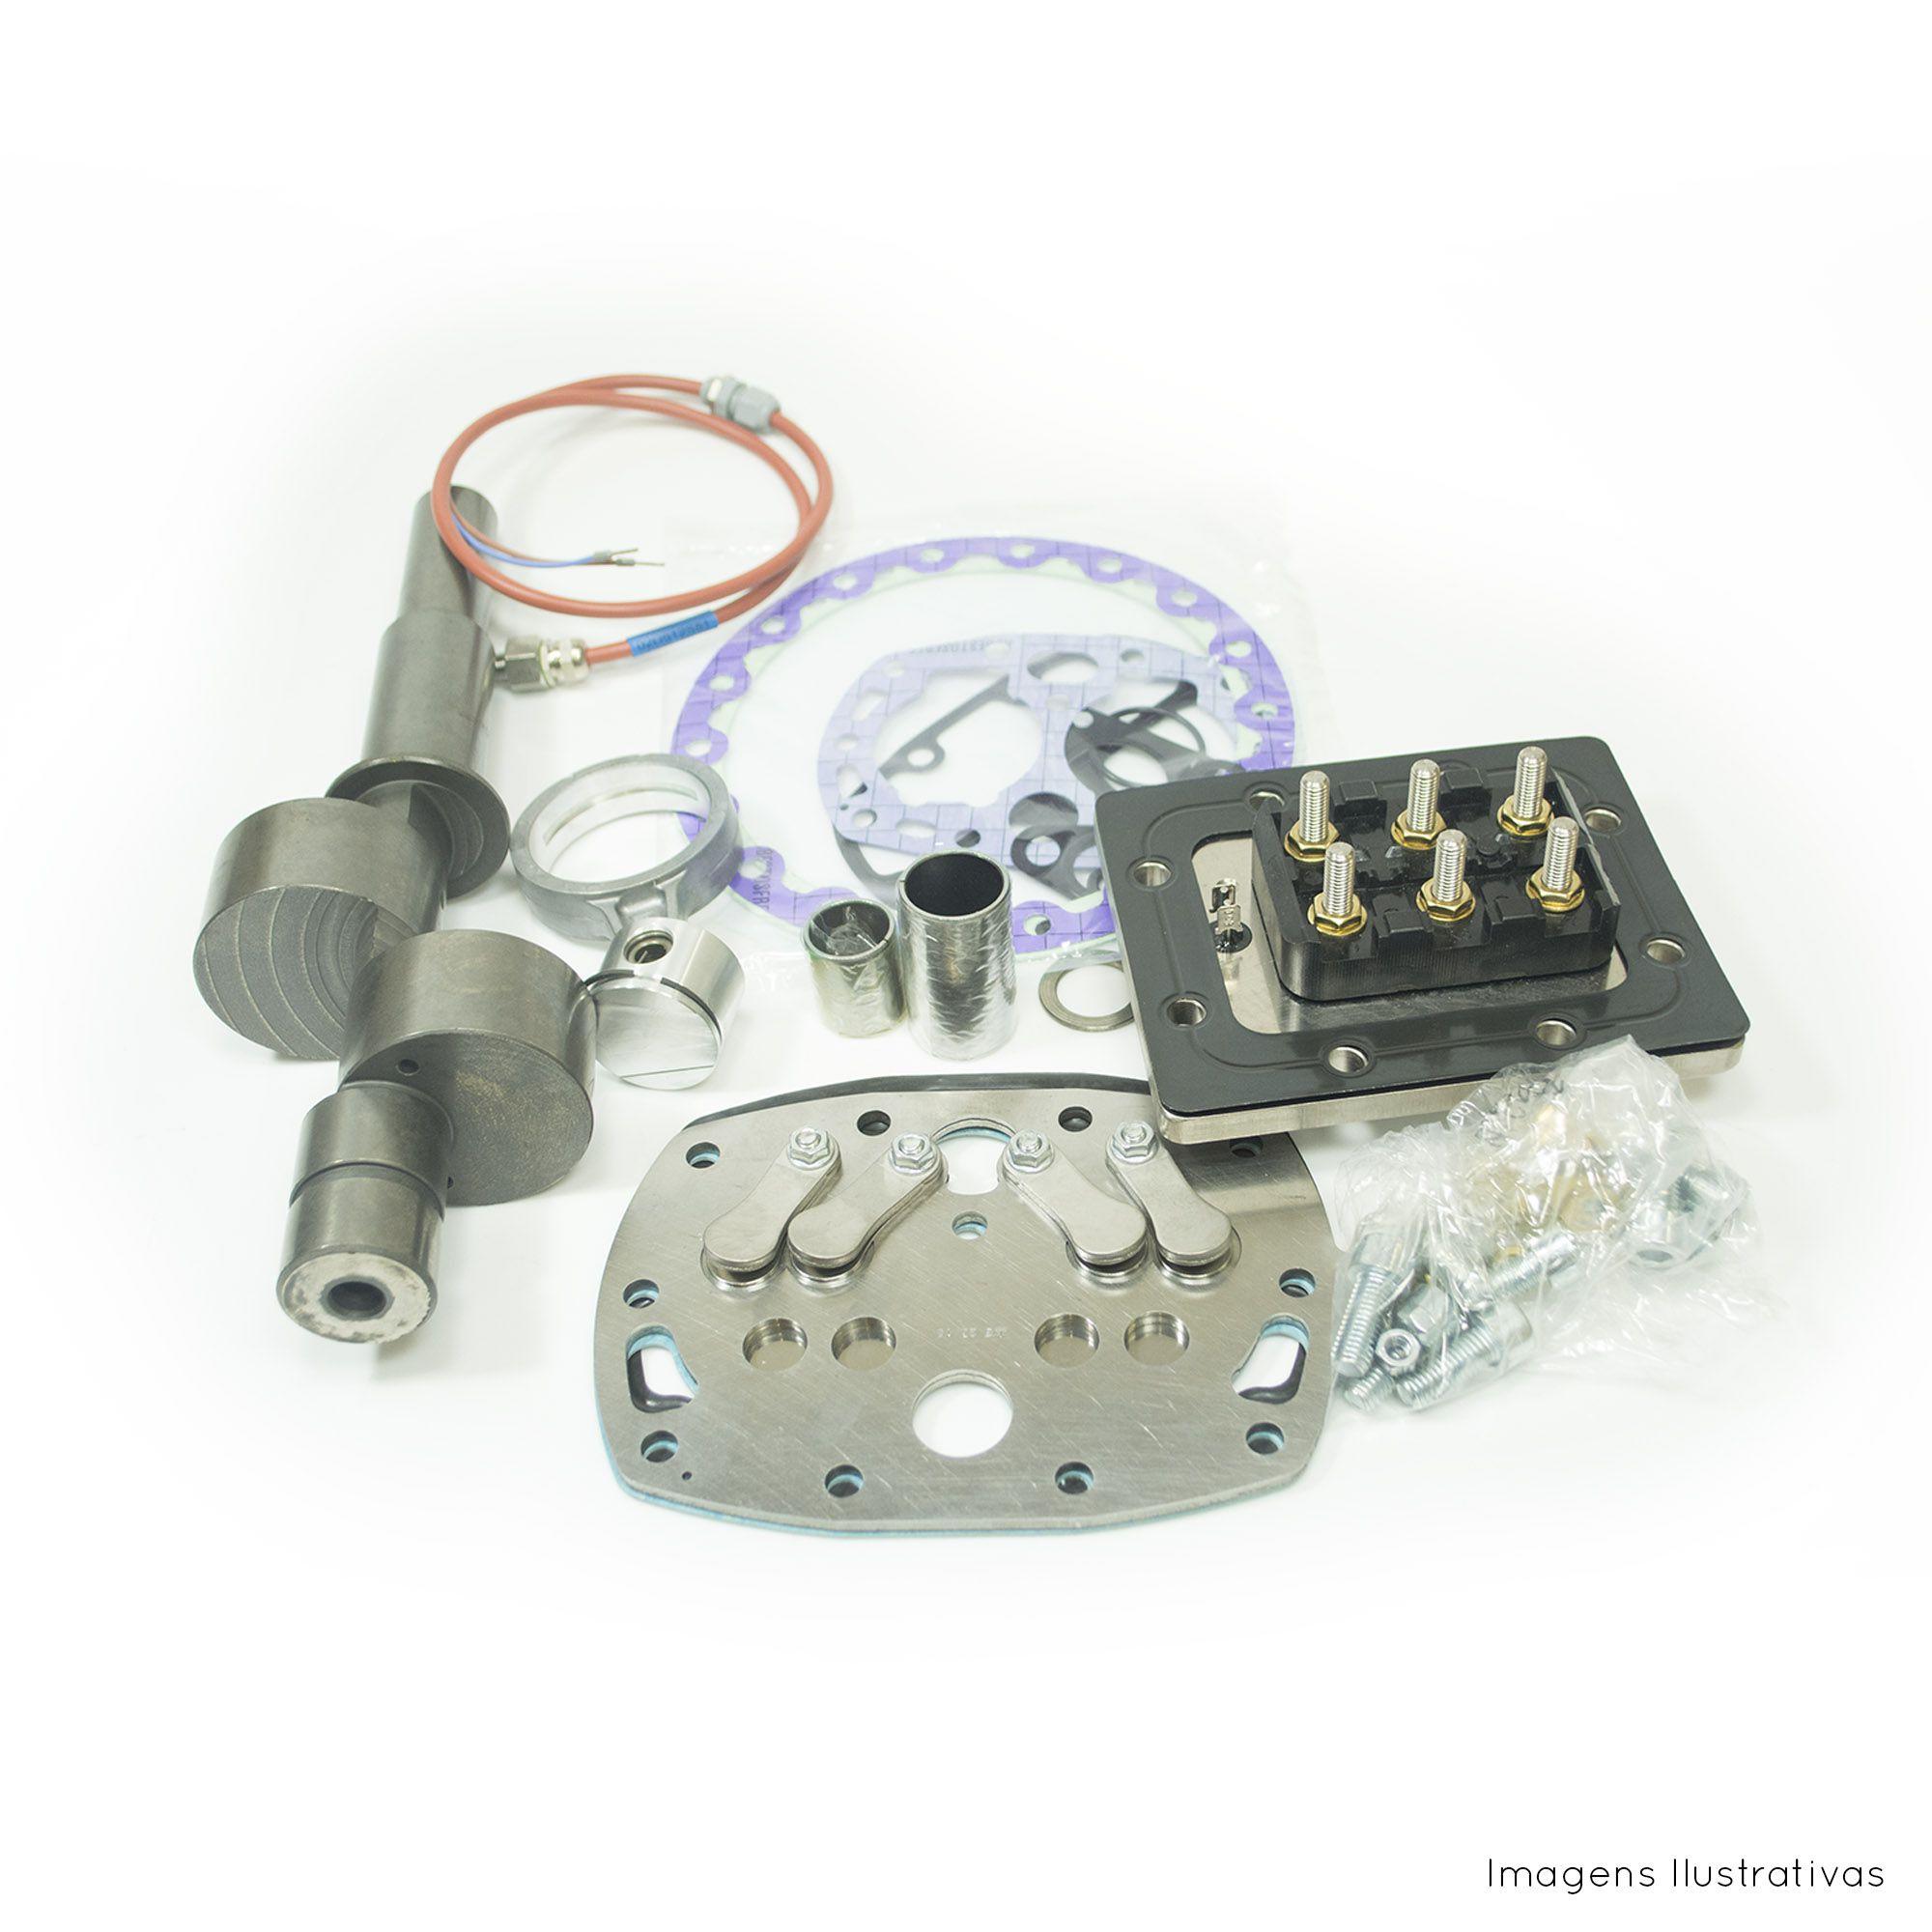 Sistema de Resfriamento do Cabeçote - 810-10082